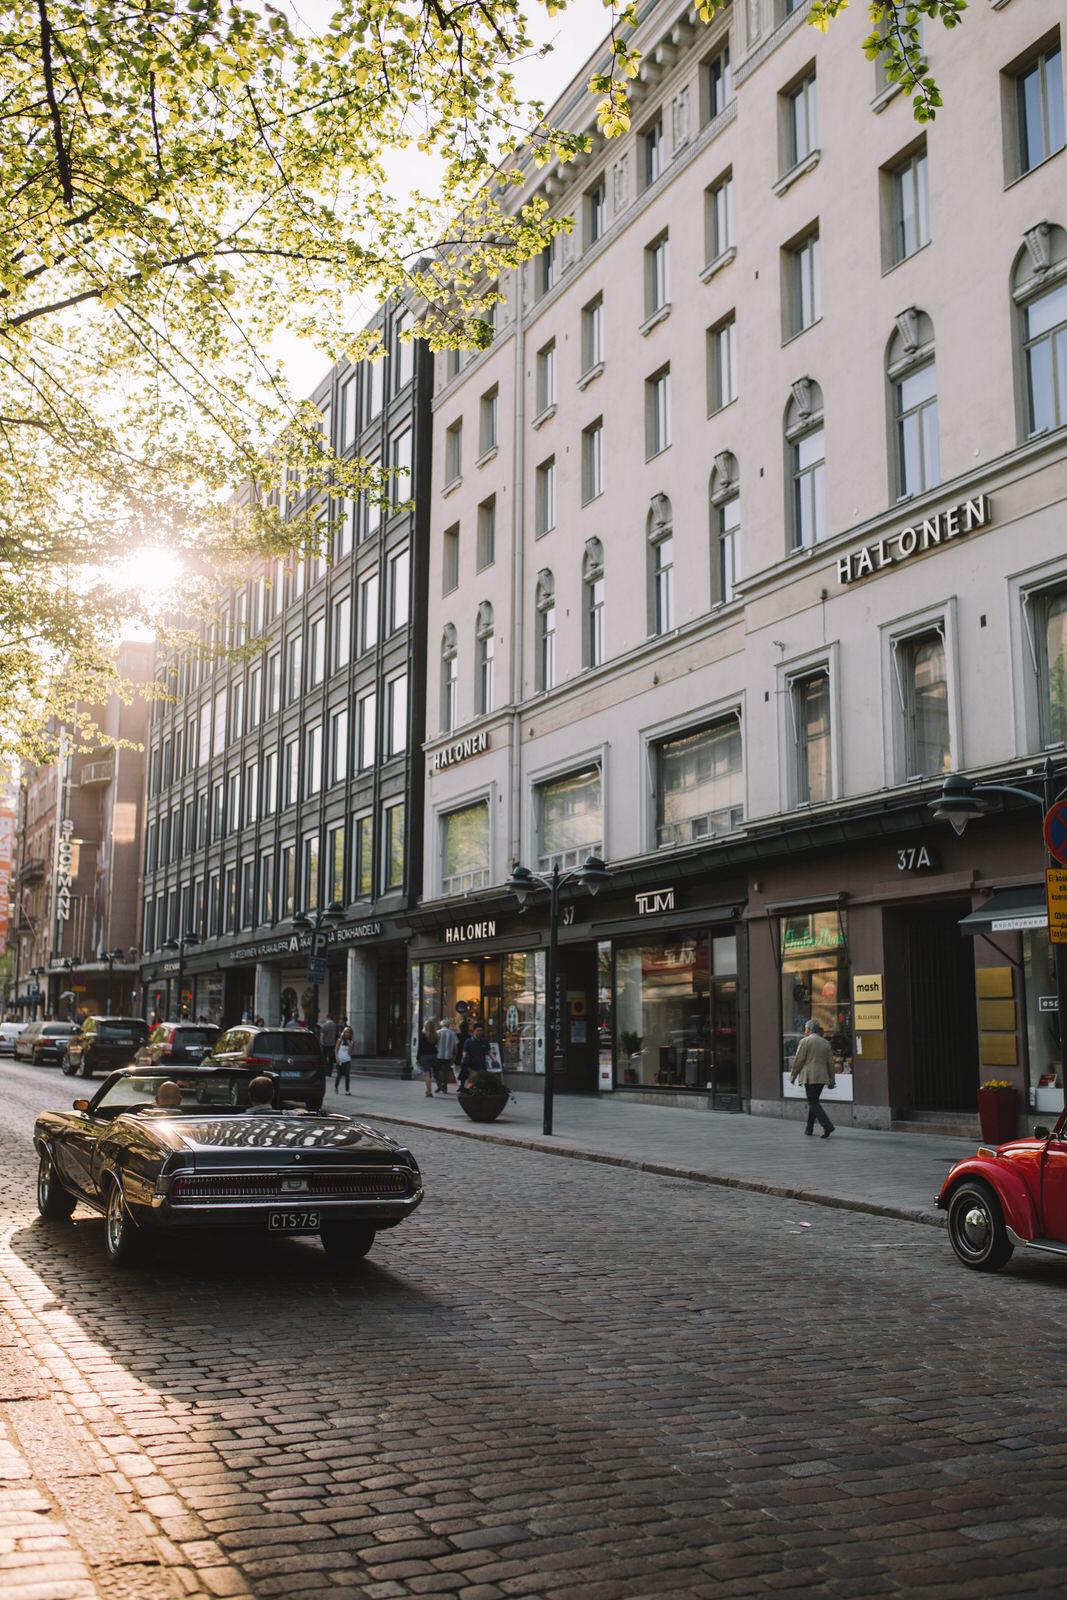 Helsinki_051418_0324.jpg